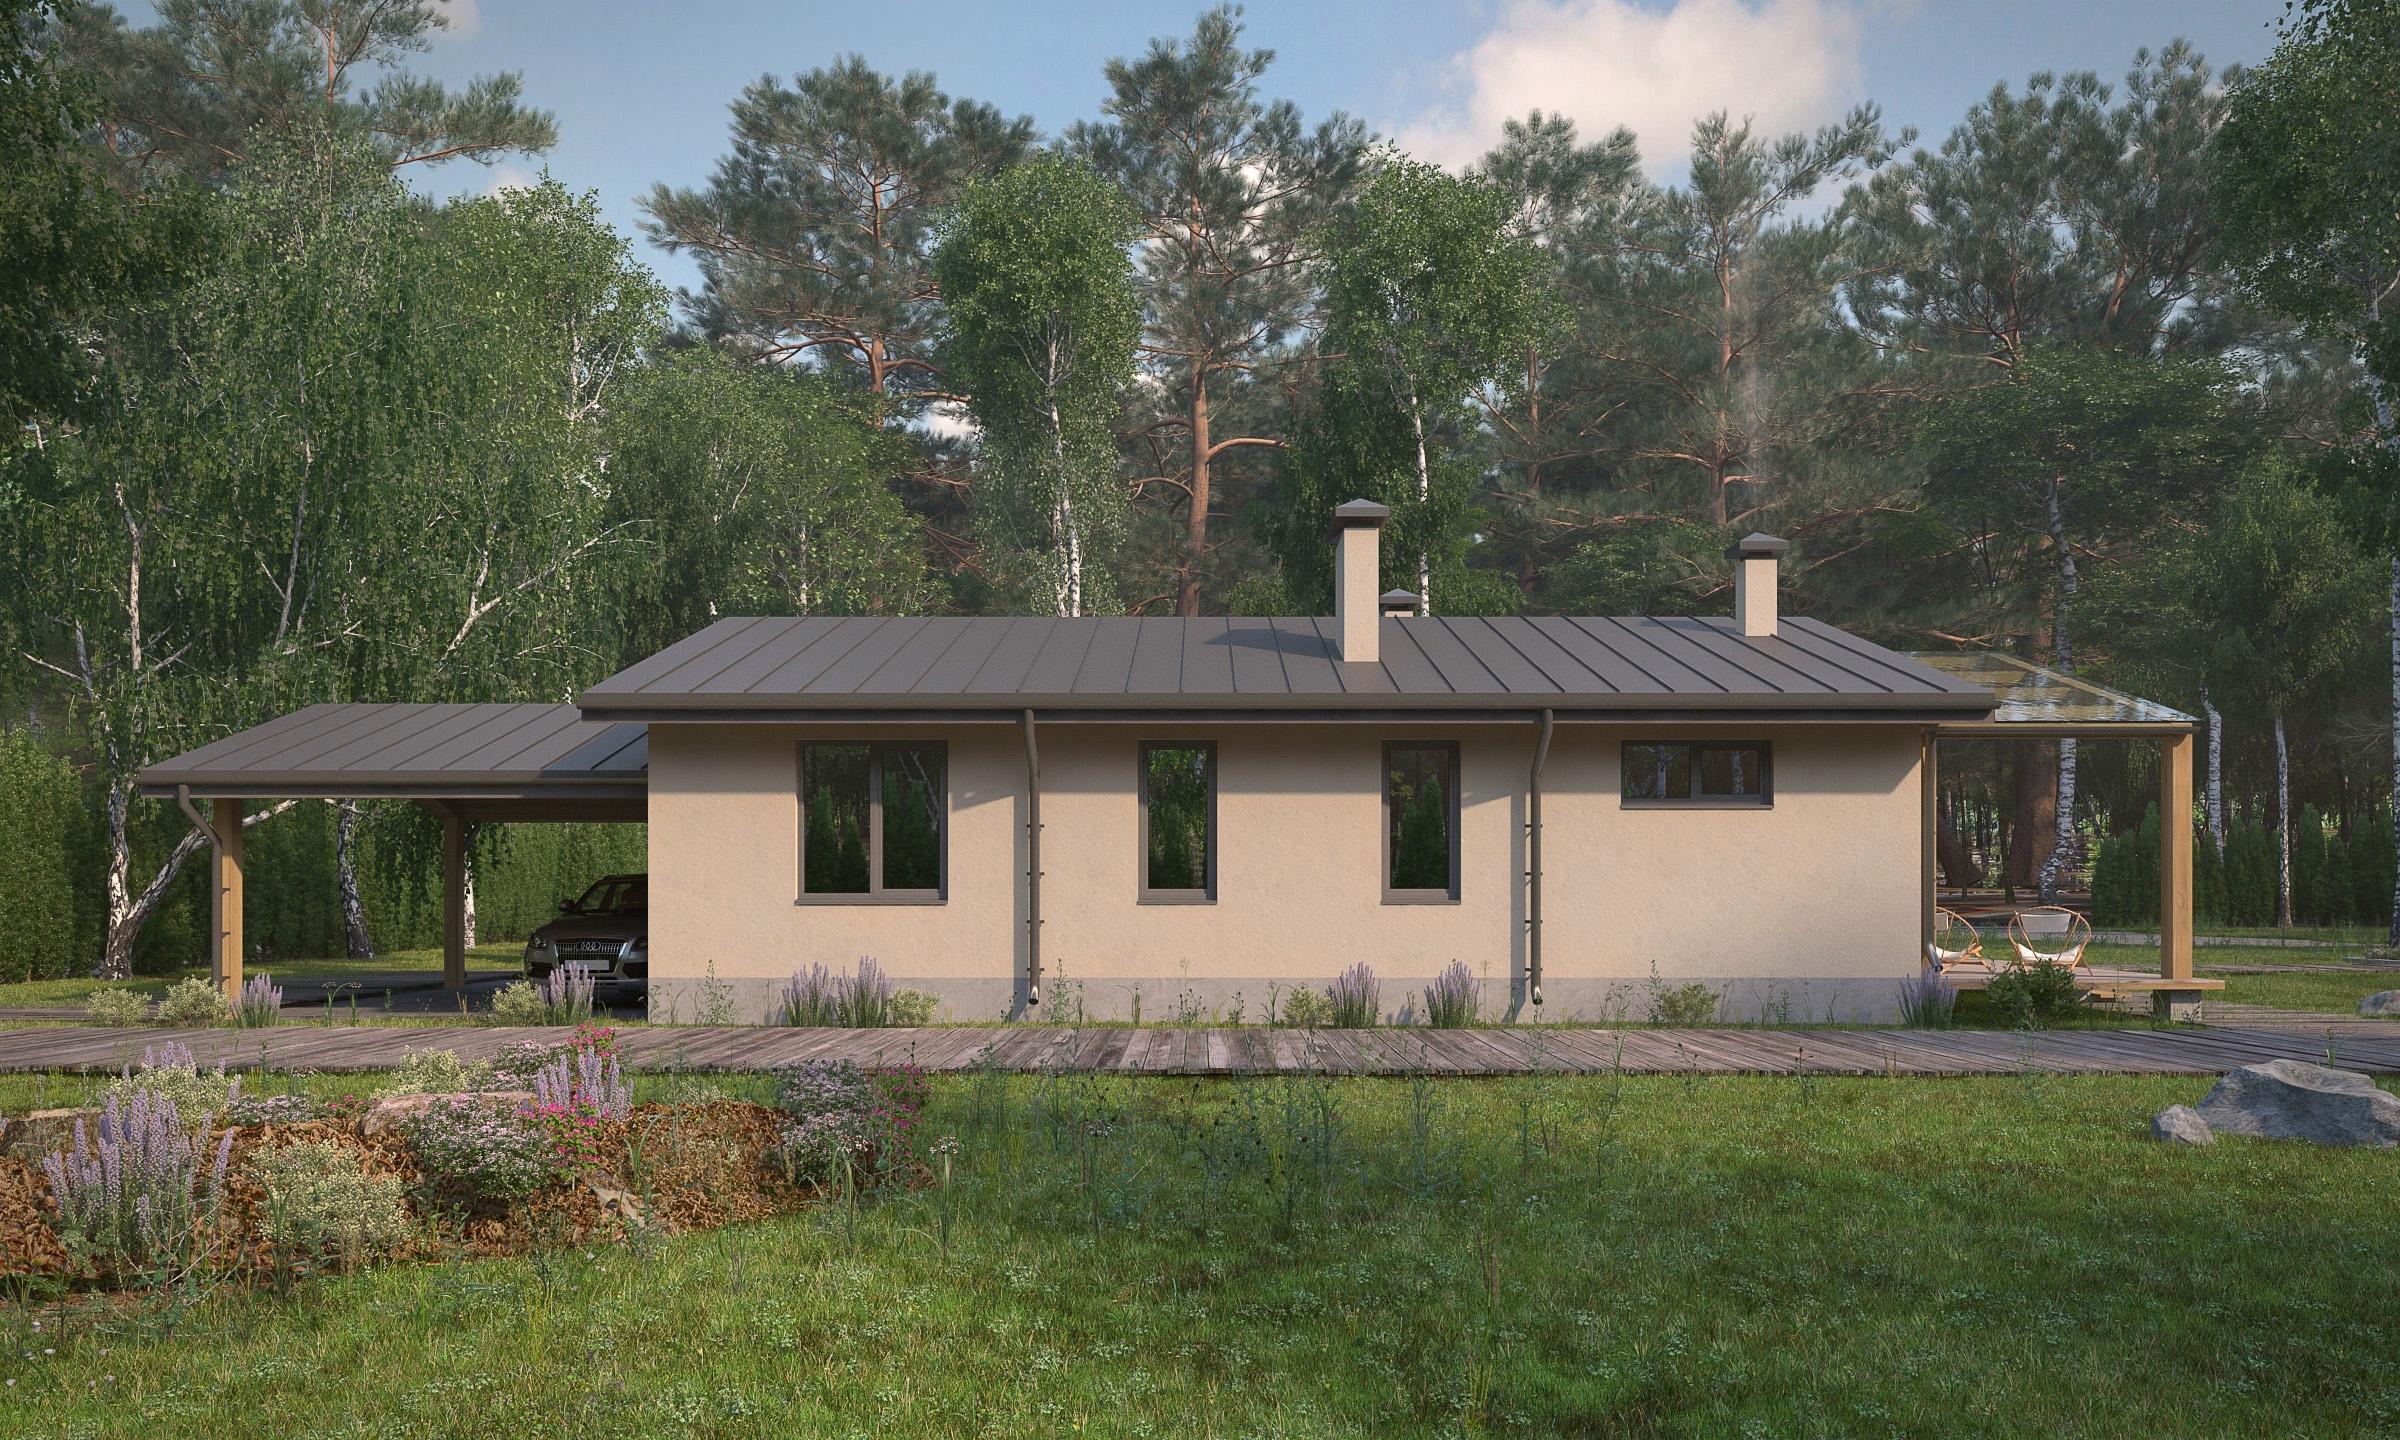 Изображение для проекта Проект небольшого дома по Васту и Фэншуй 1781